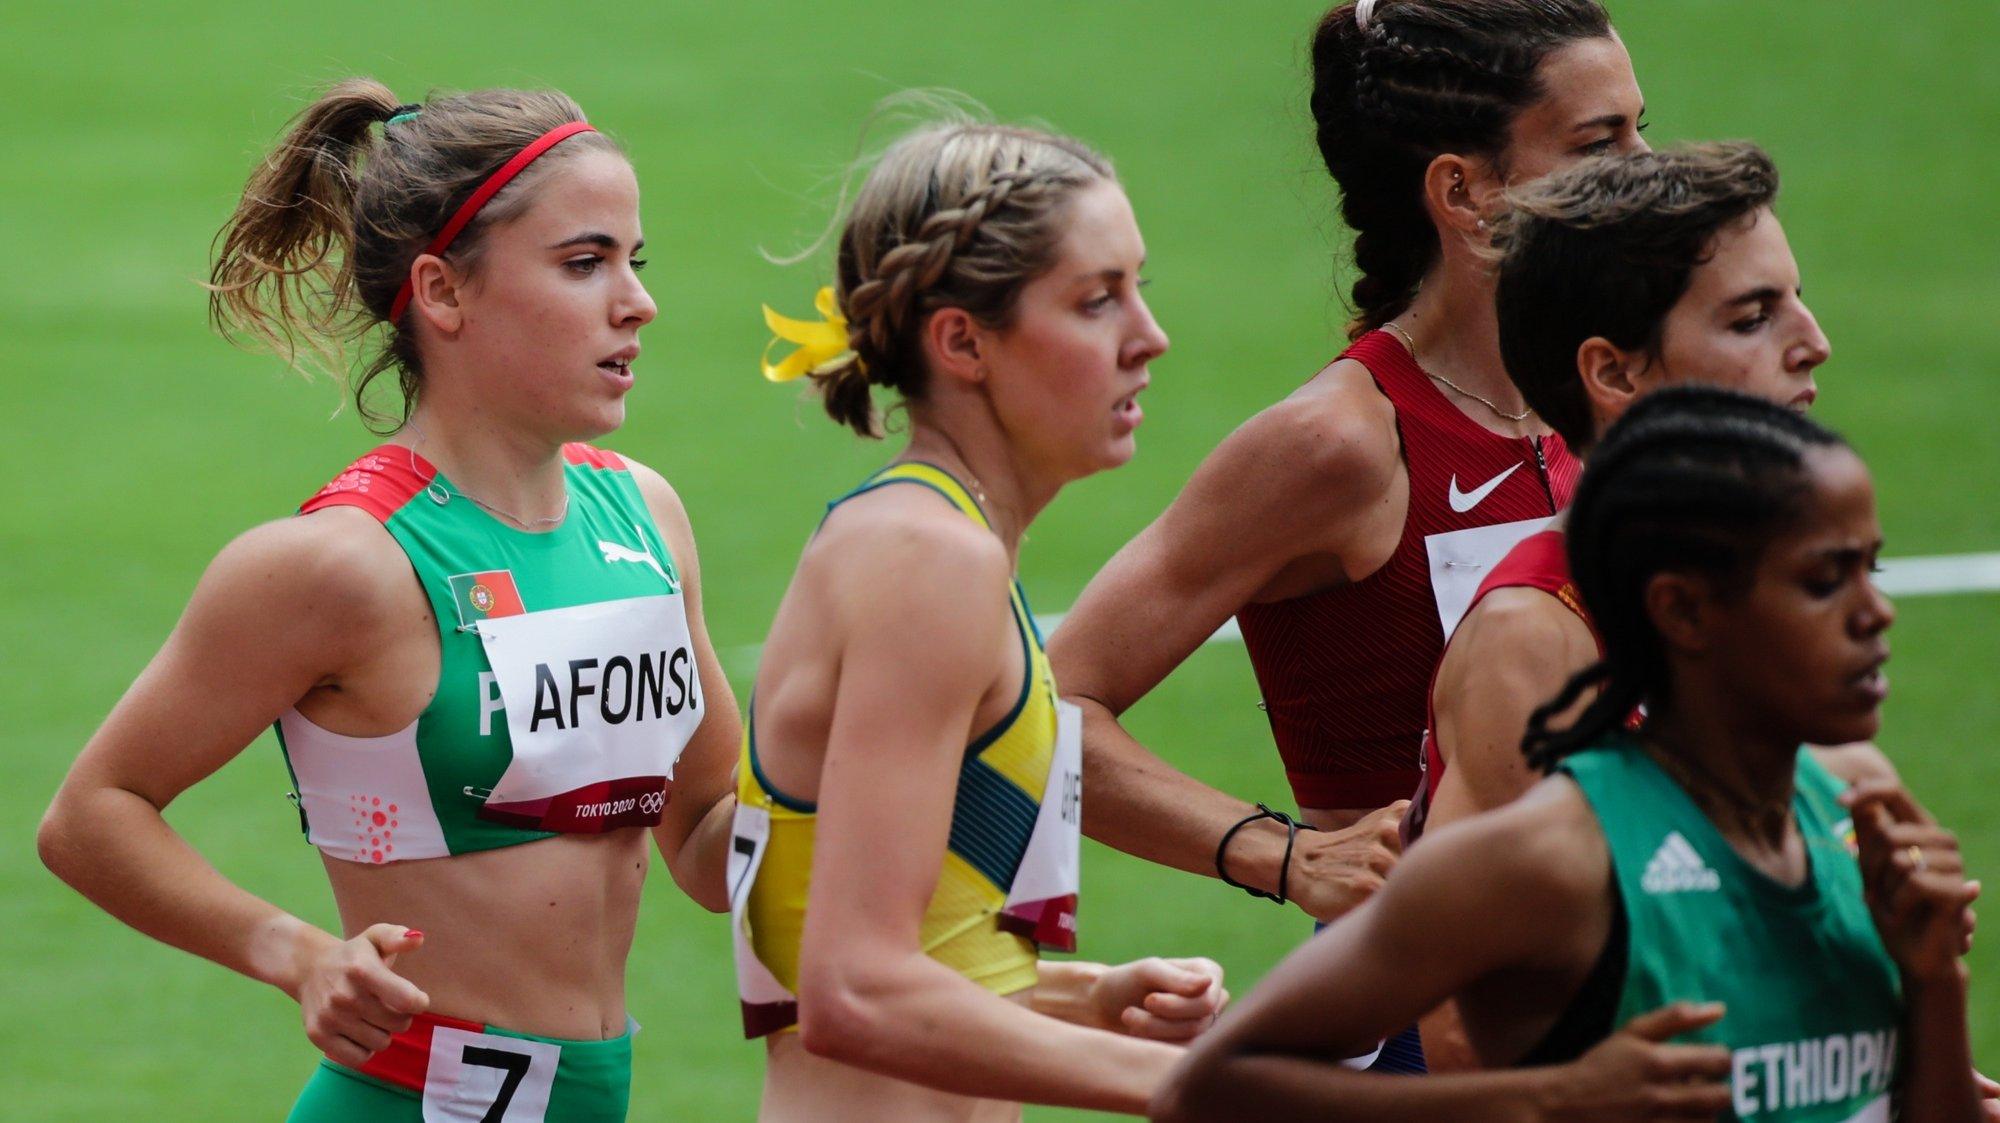 A portuguesa Salomé Afonso (E) concluiu hoje a primeira série das eliminatórias dos 1.500 metros dos Jogos Olímpicos Tóquio2020 em 04.10,80 minutos e ficou de fora das semifinais da distância, no Estádio Olimpico de Tóquio, 02 de agosto de 2021. TIAGO PETINGA/LUSA